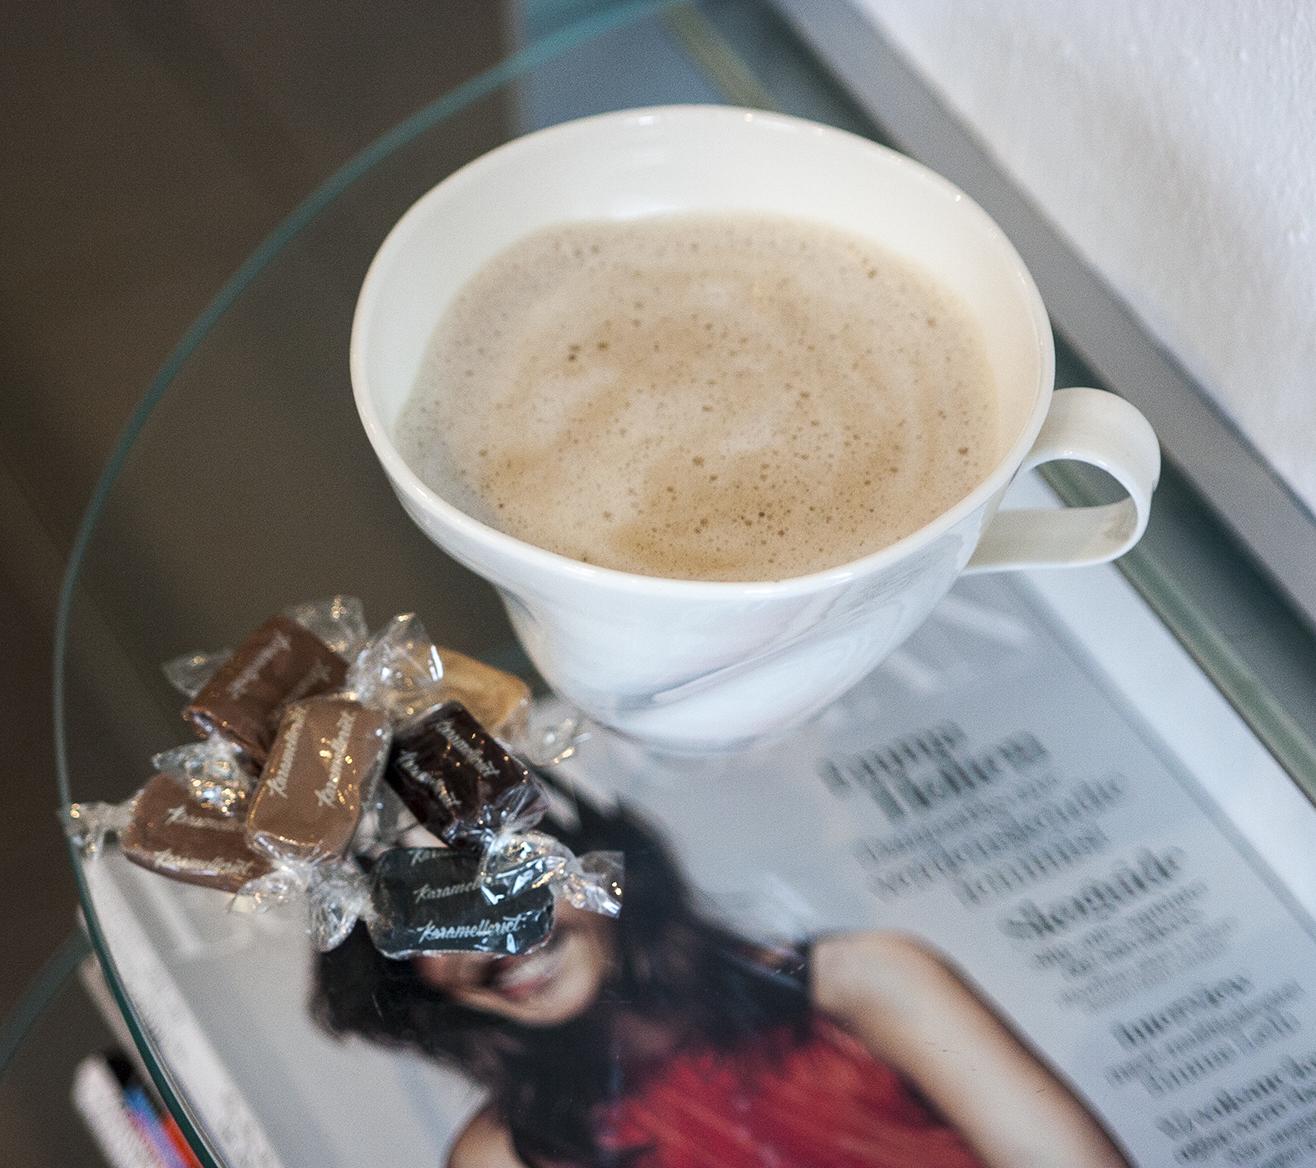 Vi byder altid på lidt sødt og en frisk kop kaffe eller the at skylle det ned med.